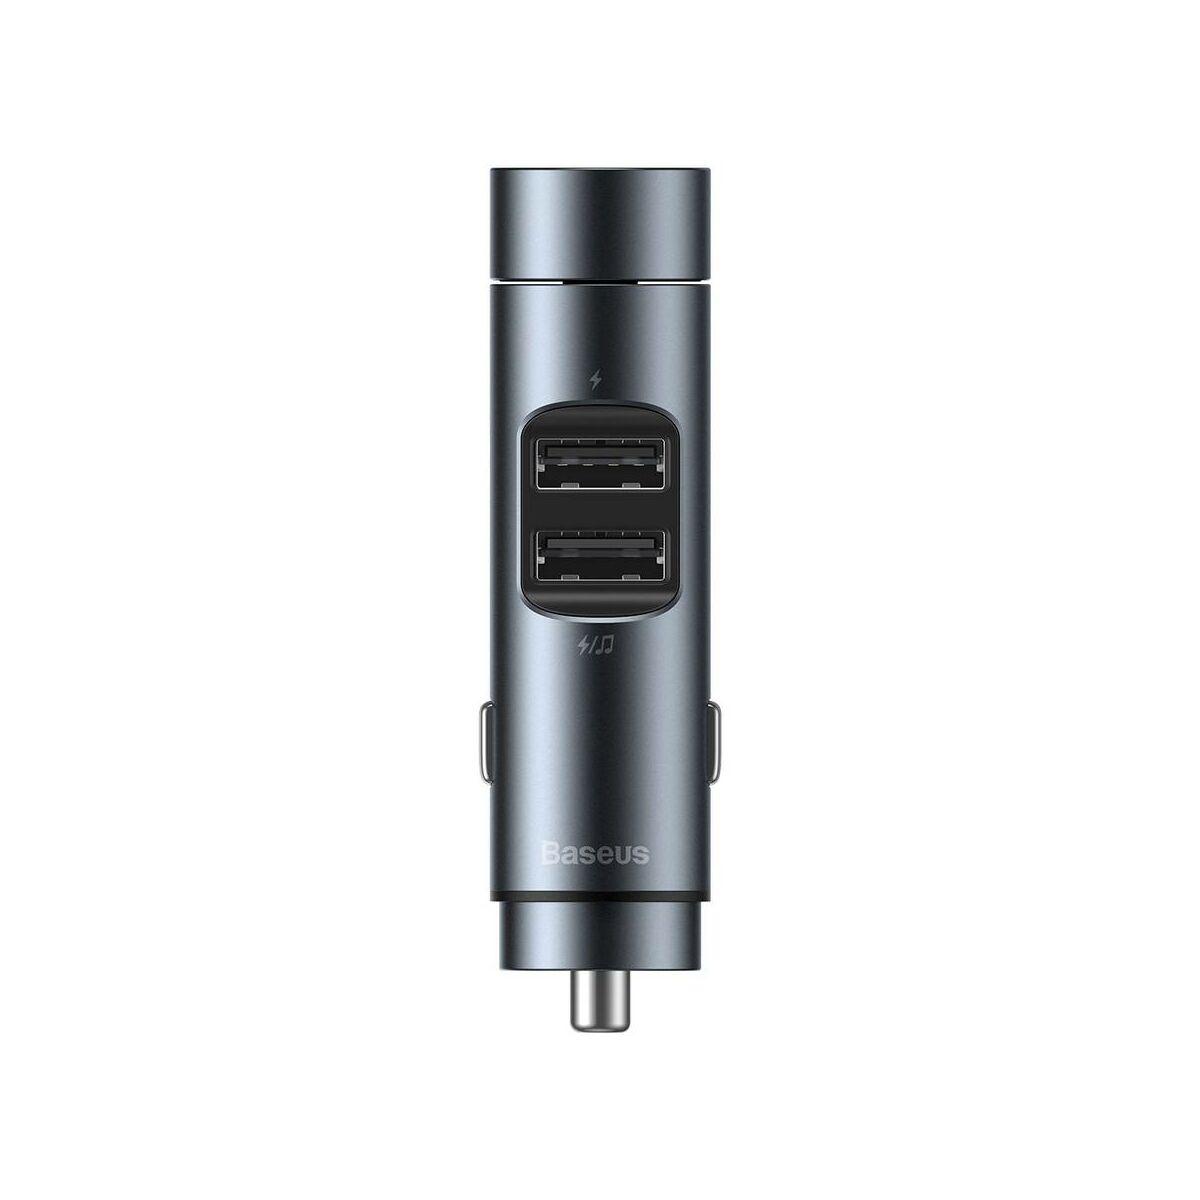 Baseus autóS töltő, Bluetooth Fm Transmitter Energy Column MP3 (BT 5.0+5V 3.1A), szürke (CCNLZ-0G)